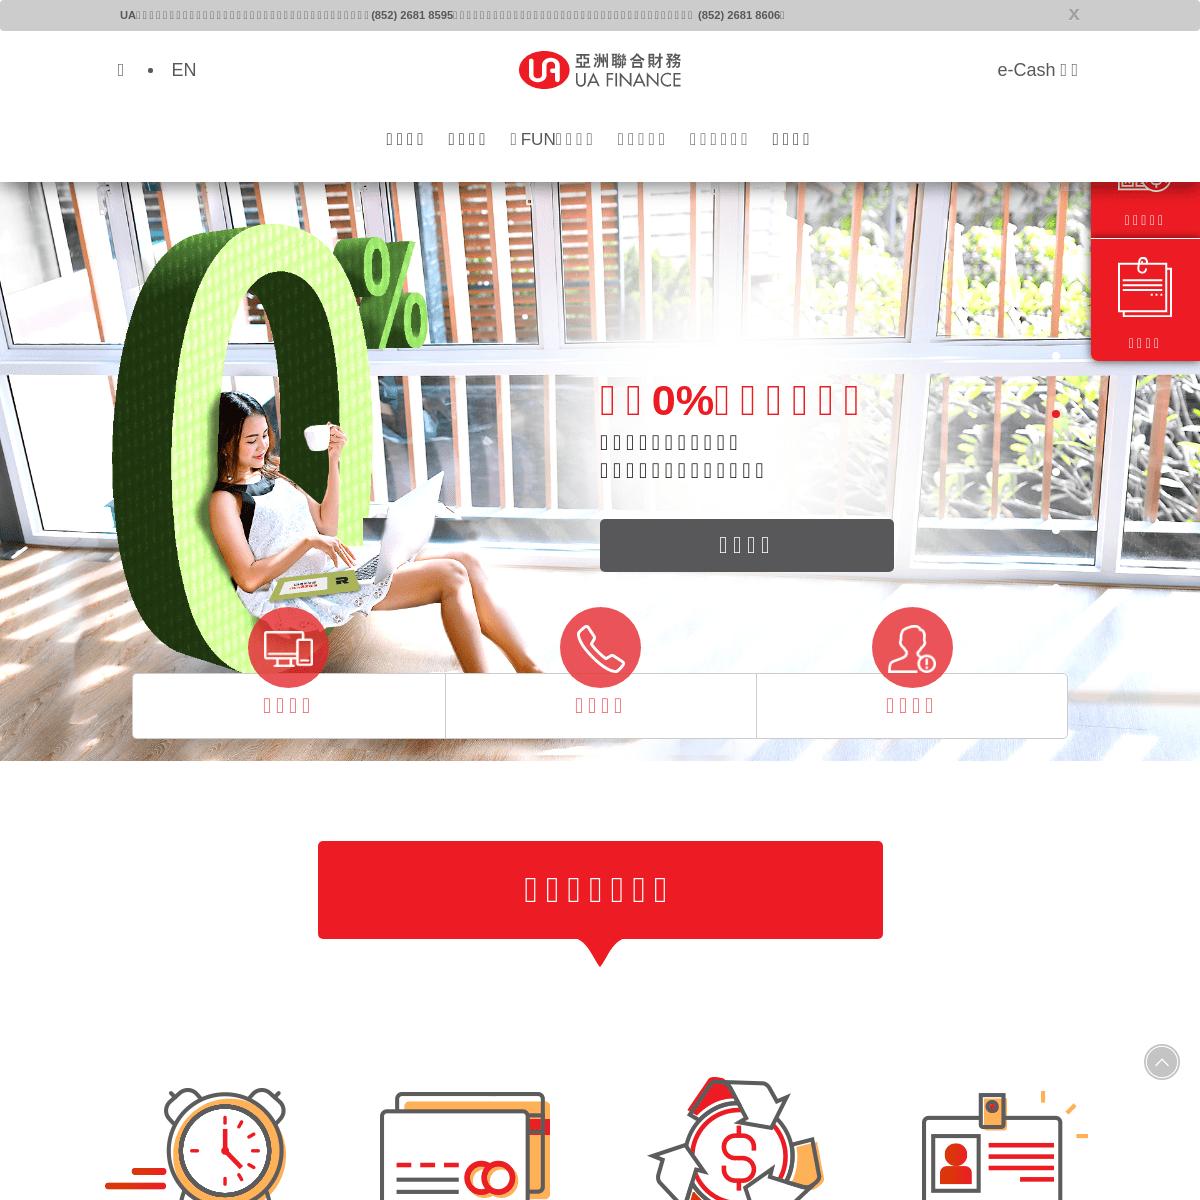 UA亞洲聯合財務 - 隨時隨地申請私人貸款 - Yes UA!